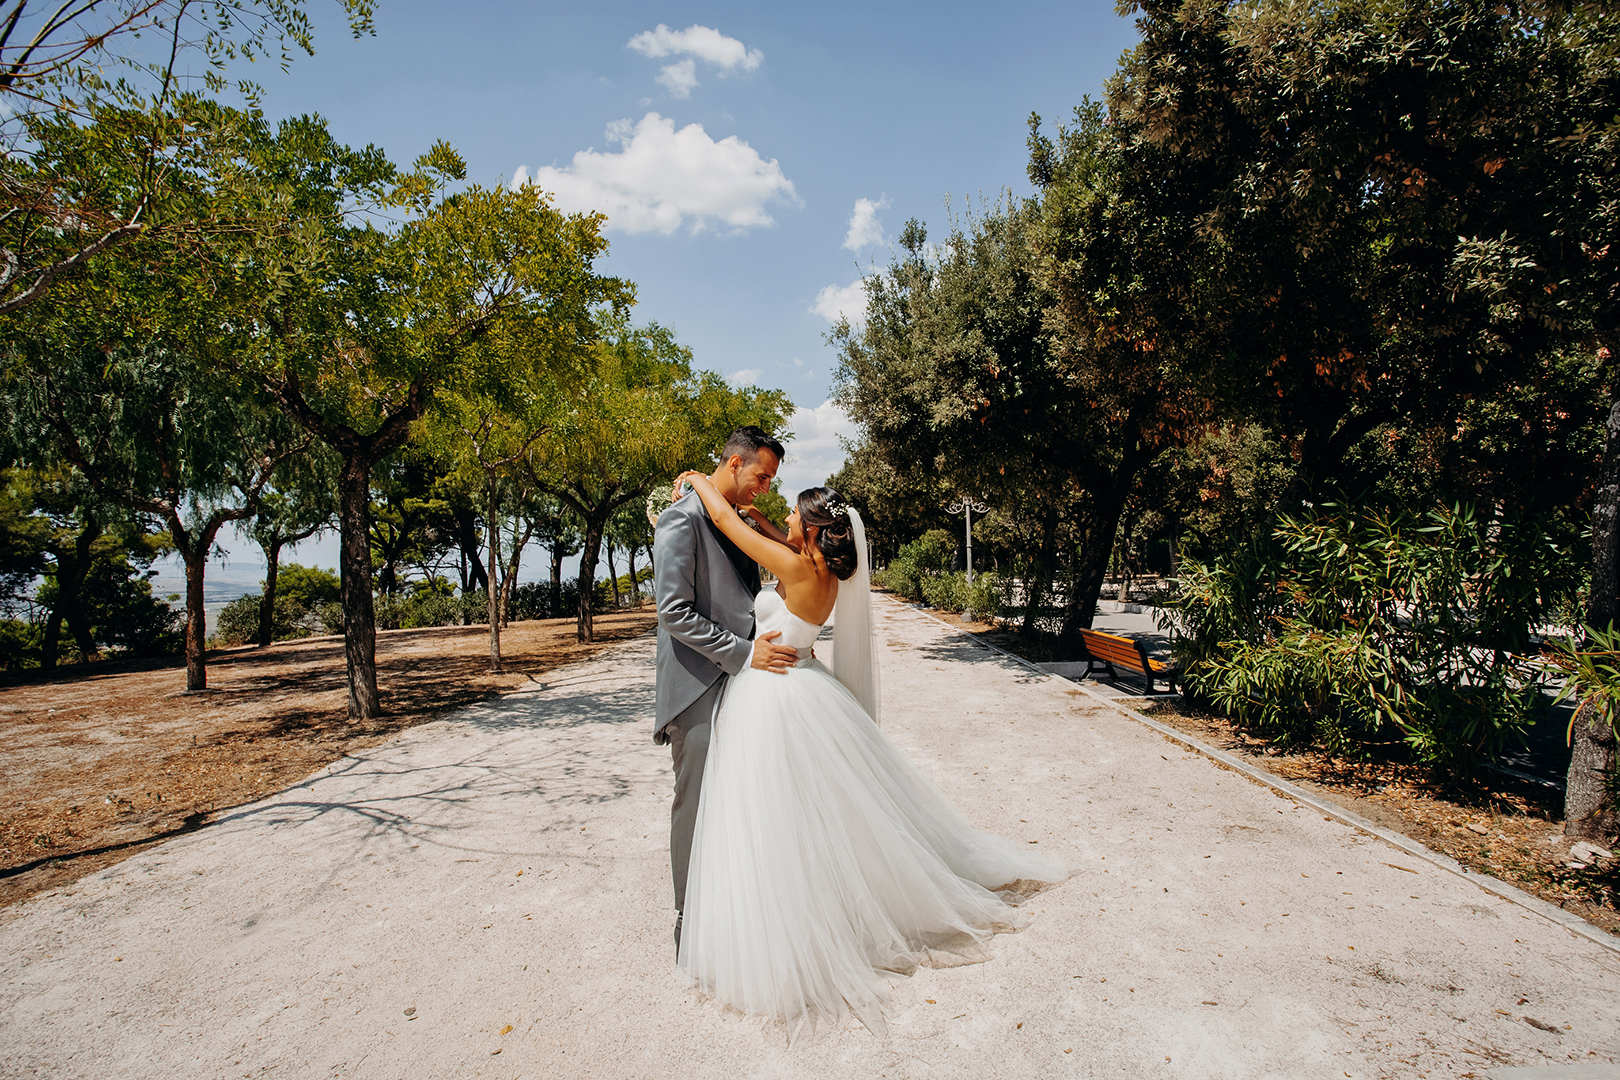 42 gianni-lepore-sposi-groom-bride-lucera-italia-villa-ritratto-wedding-photography